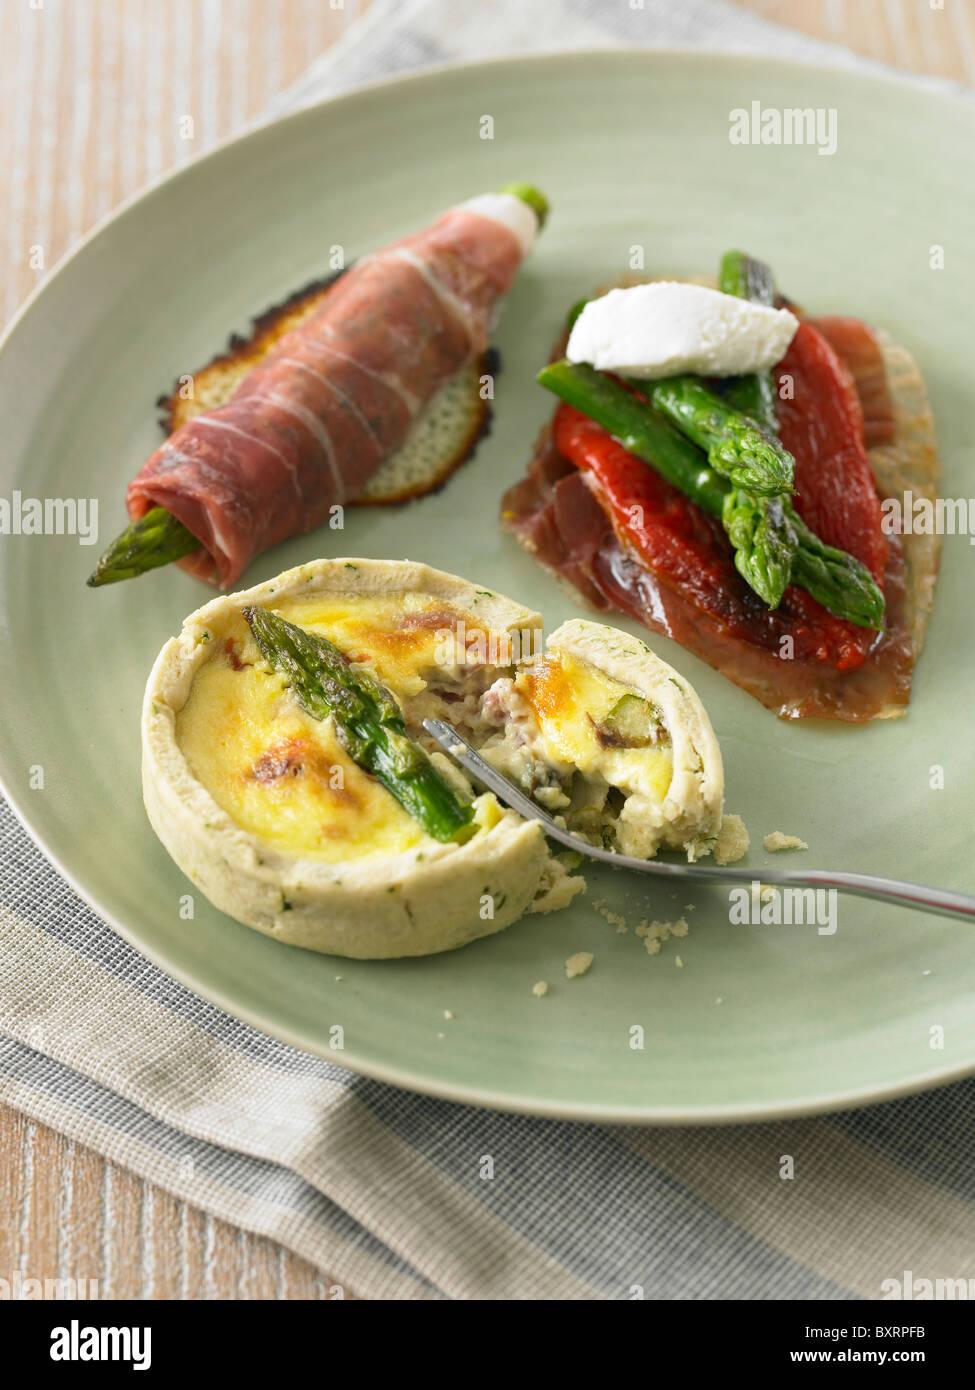 Il trio di partenti sulla piastra, asparagi avvolto in affumicato Prosciutto di parma, crostata di asparagi e prosciutto Immagini Stock